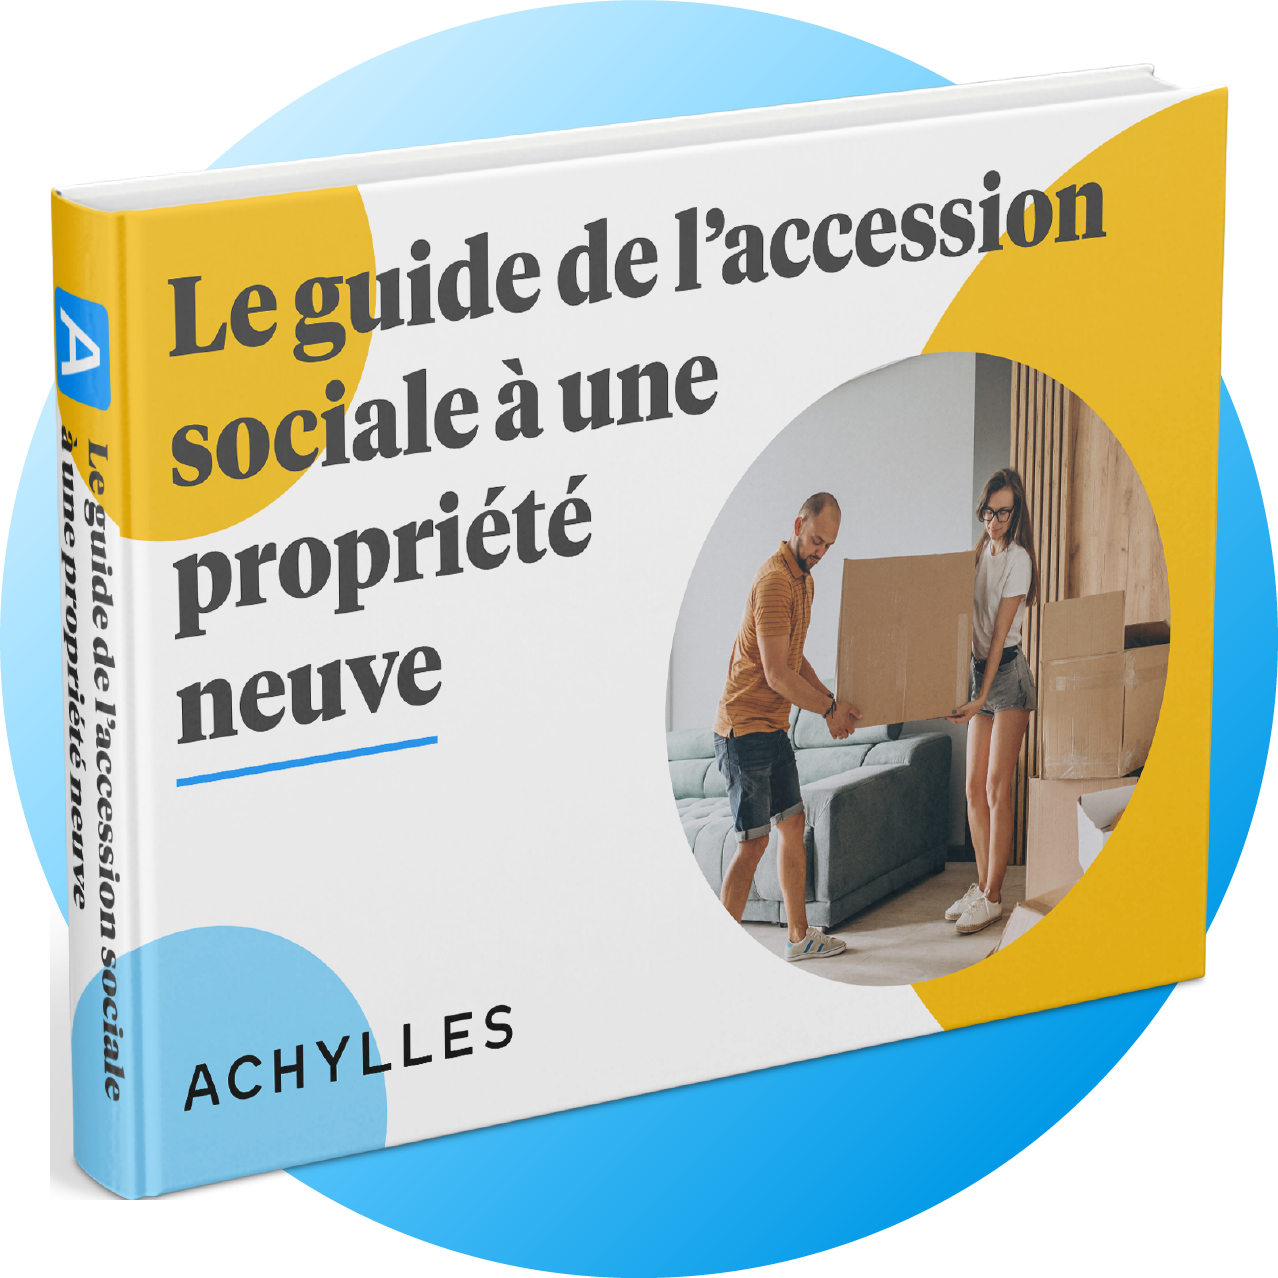 Le guide de l'accession sociale à une propriété neuve